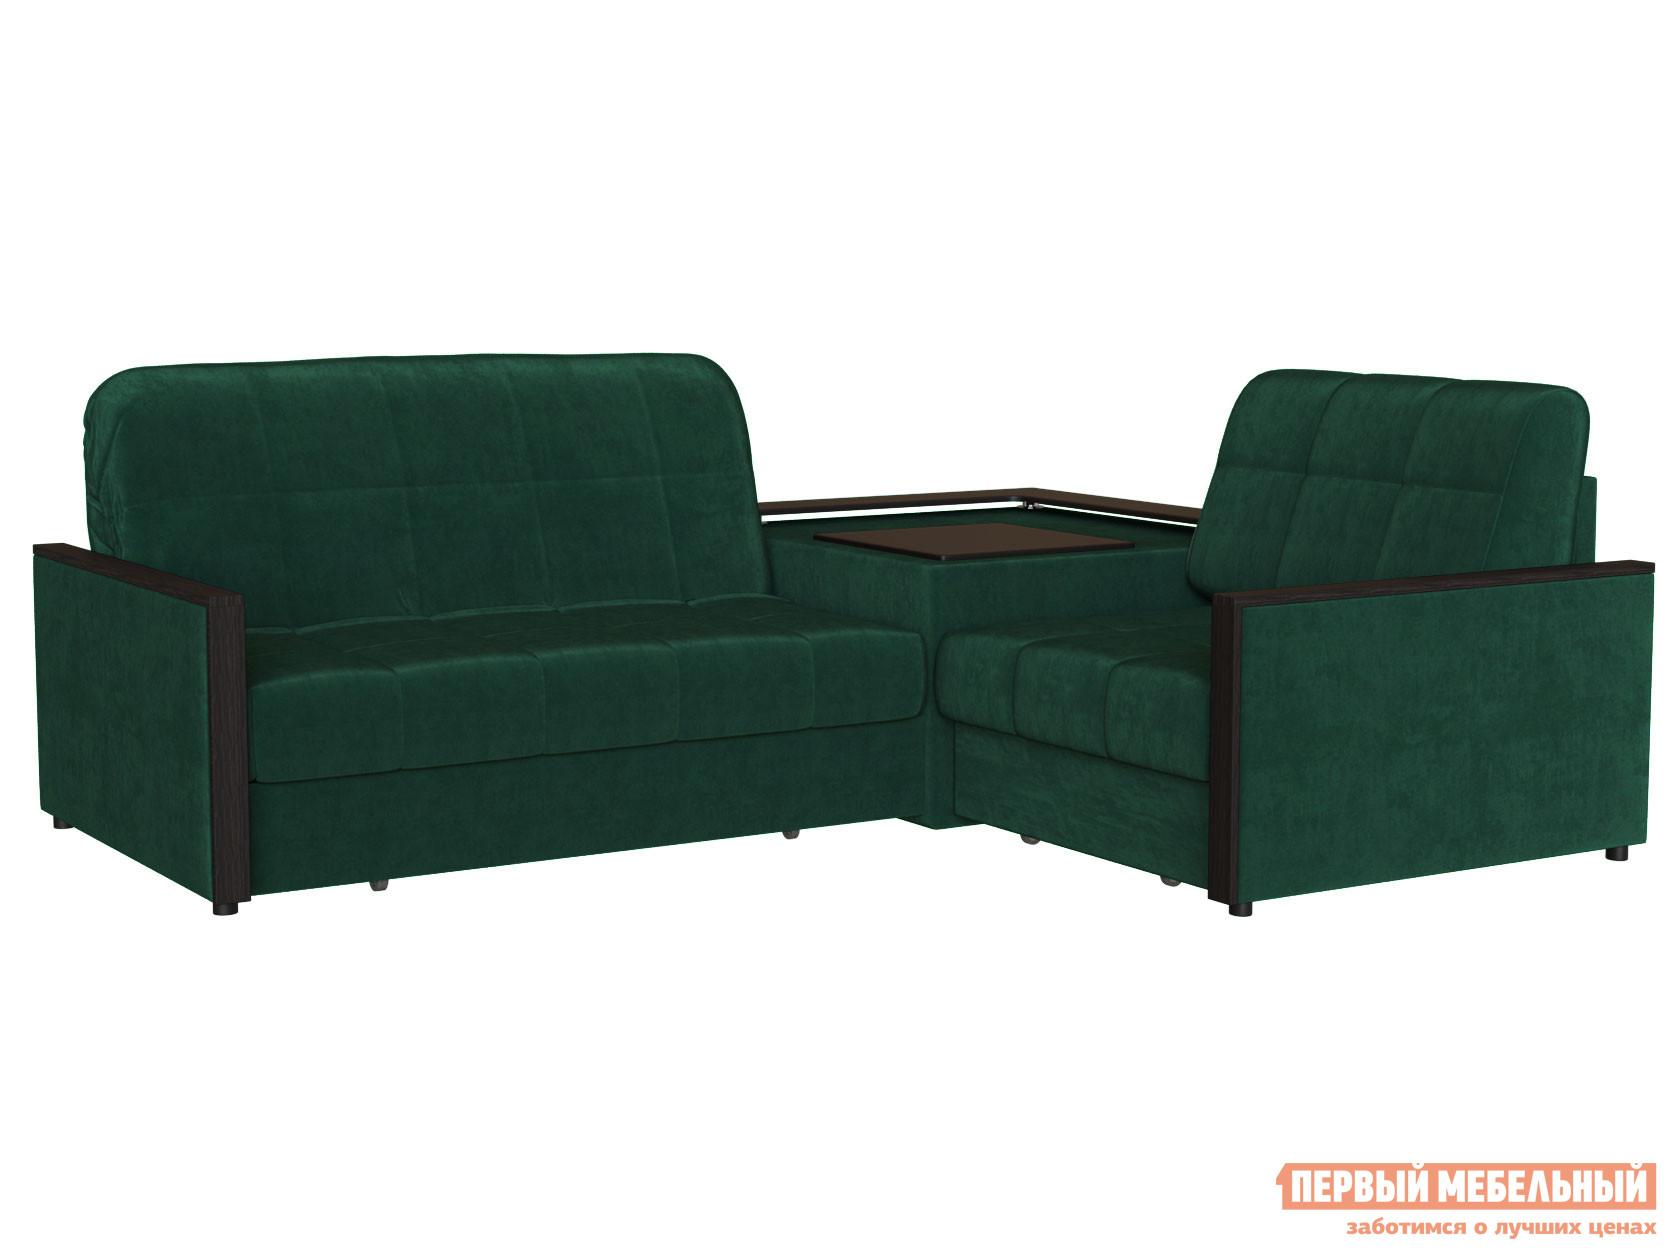 Угловой диван Первый Мебельный Диван Орион угловой Люкс